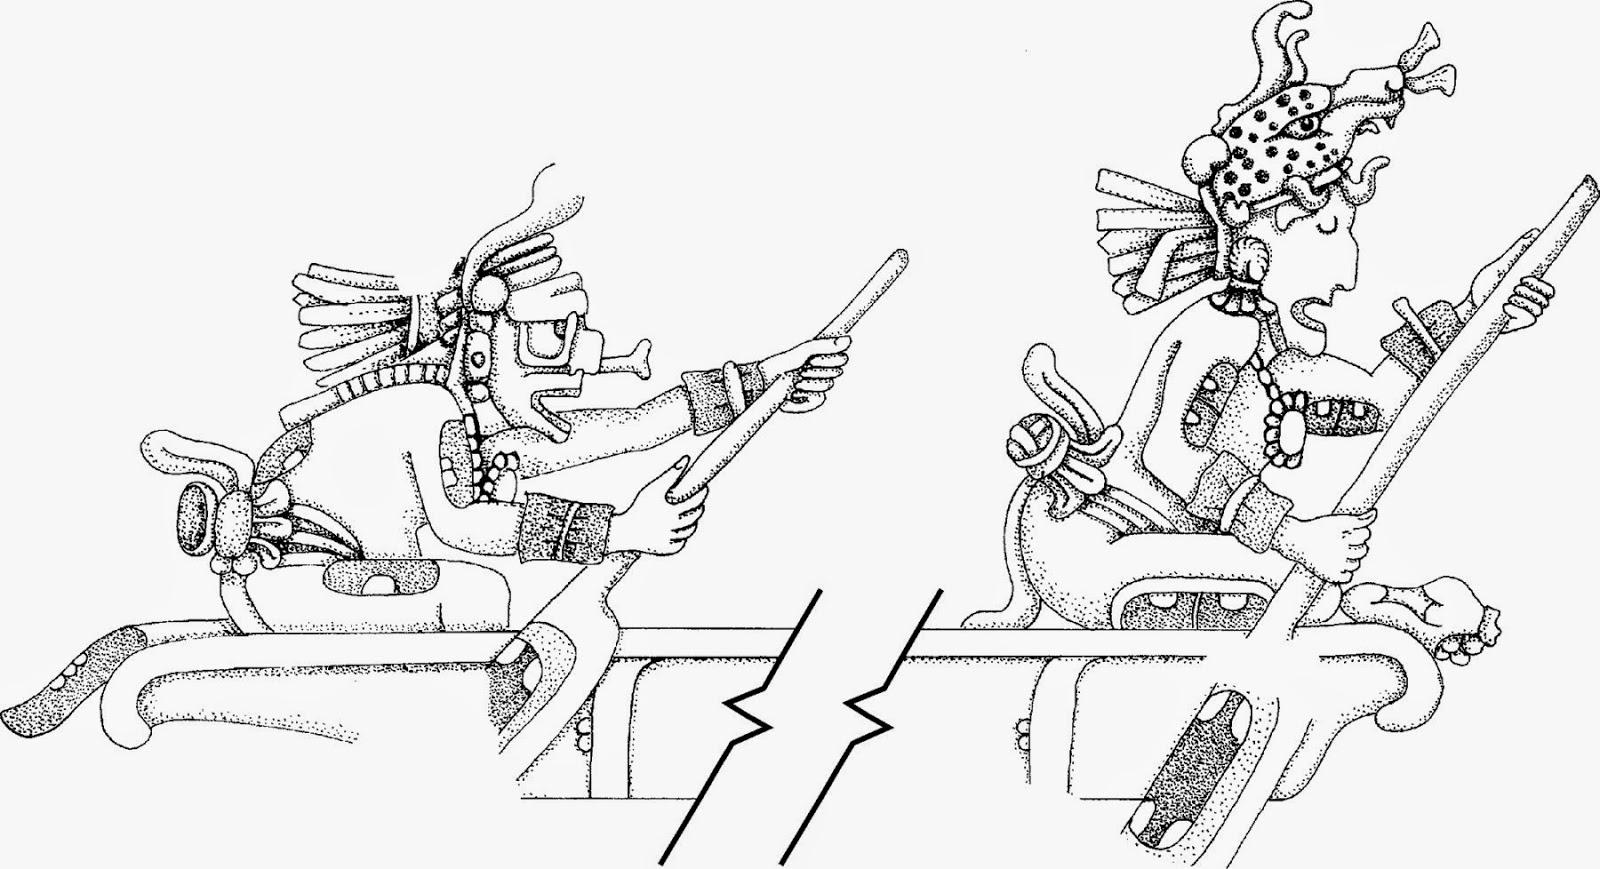 Mayan gods paddle a canoe